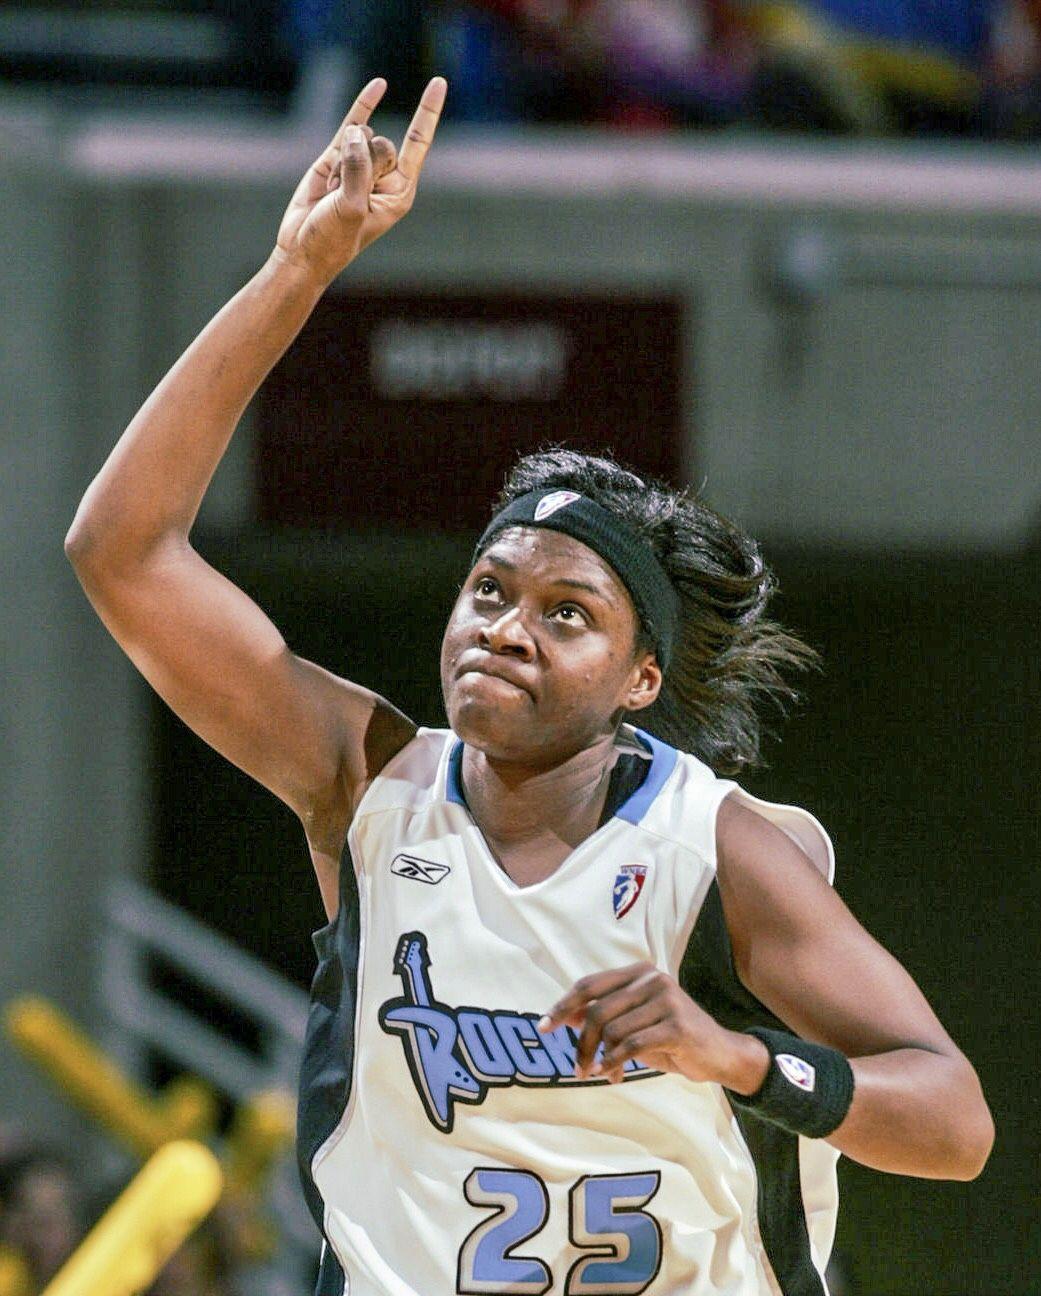 Merlakia Jones #25, Cleveland Rockers | Sports jersey, Rocker, Women